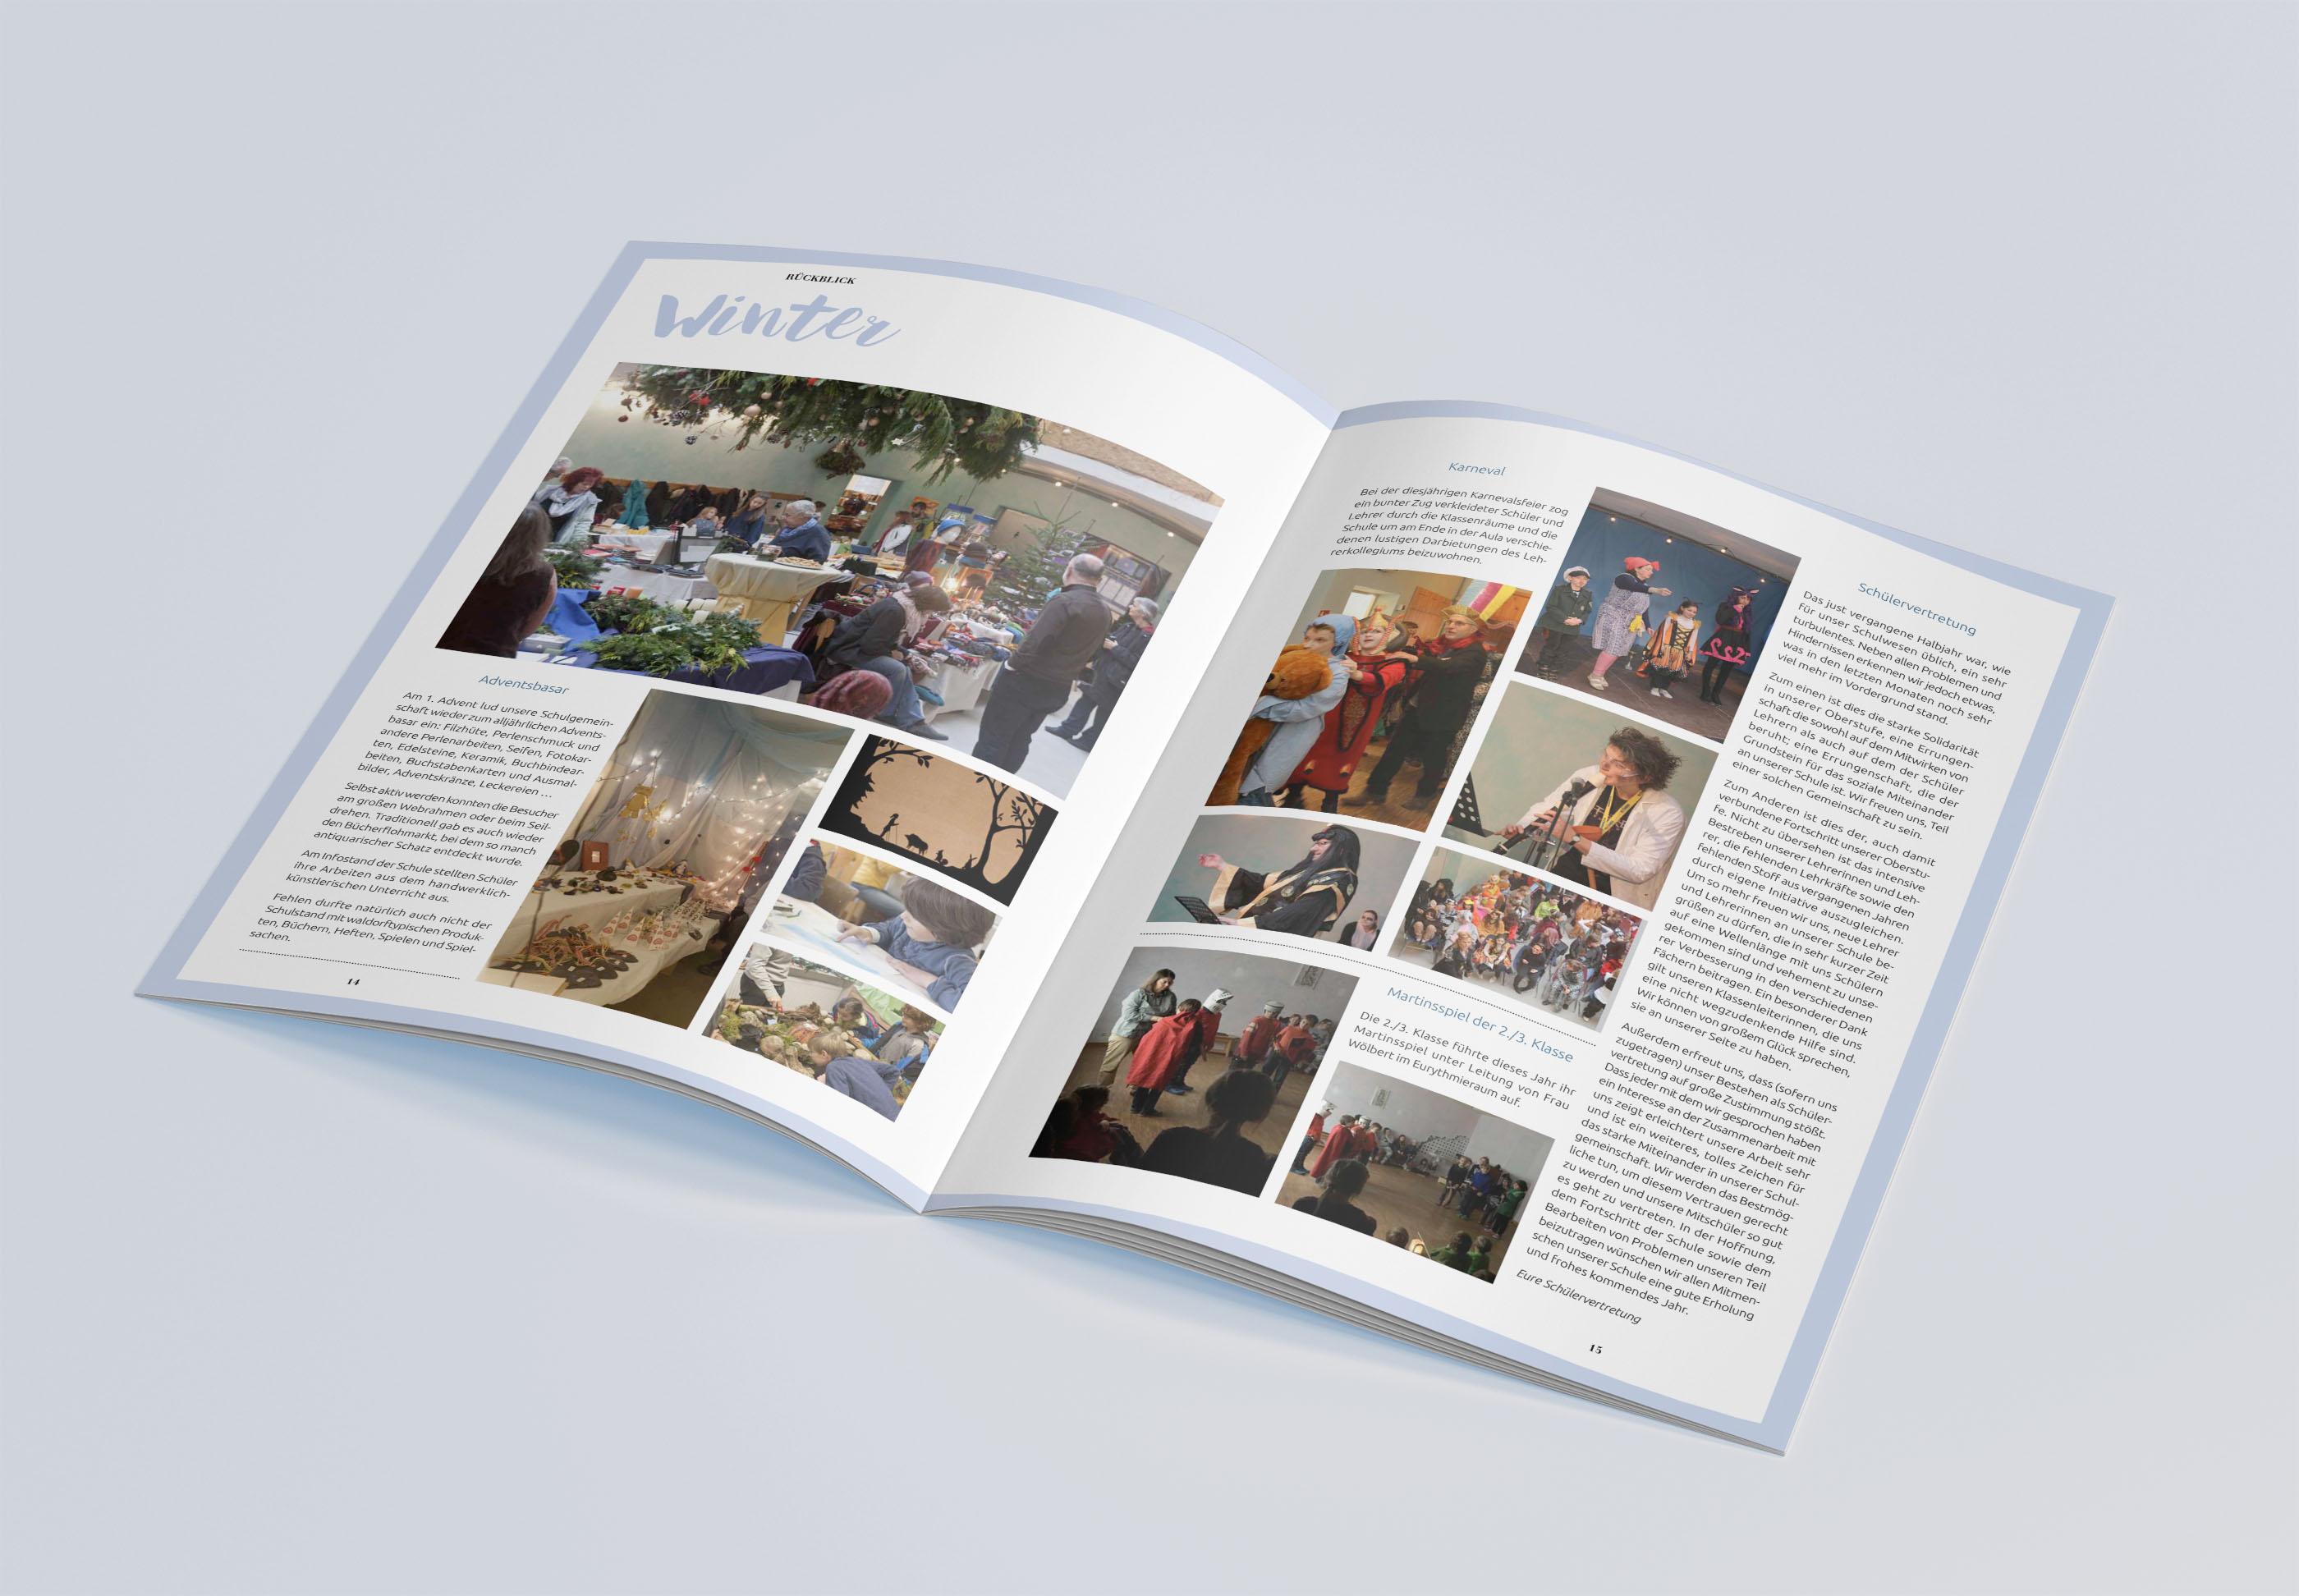 Jahresheft der Freien Waldorfschule Kastellaun, Gestaltung Marius Cofflet form 206